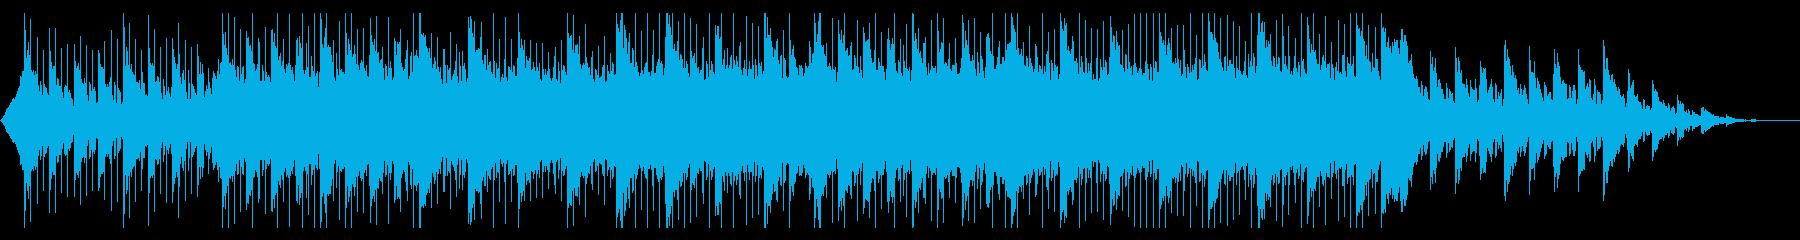 bgm36の再生済みの波形